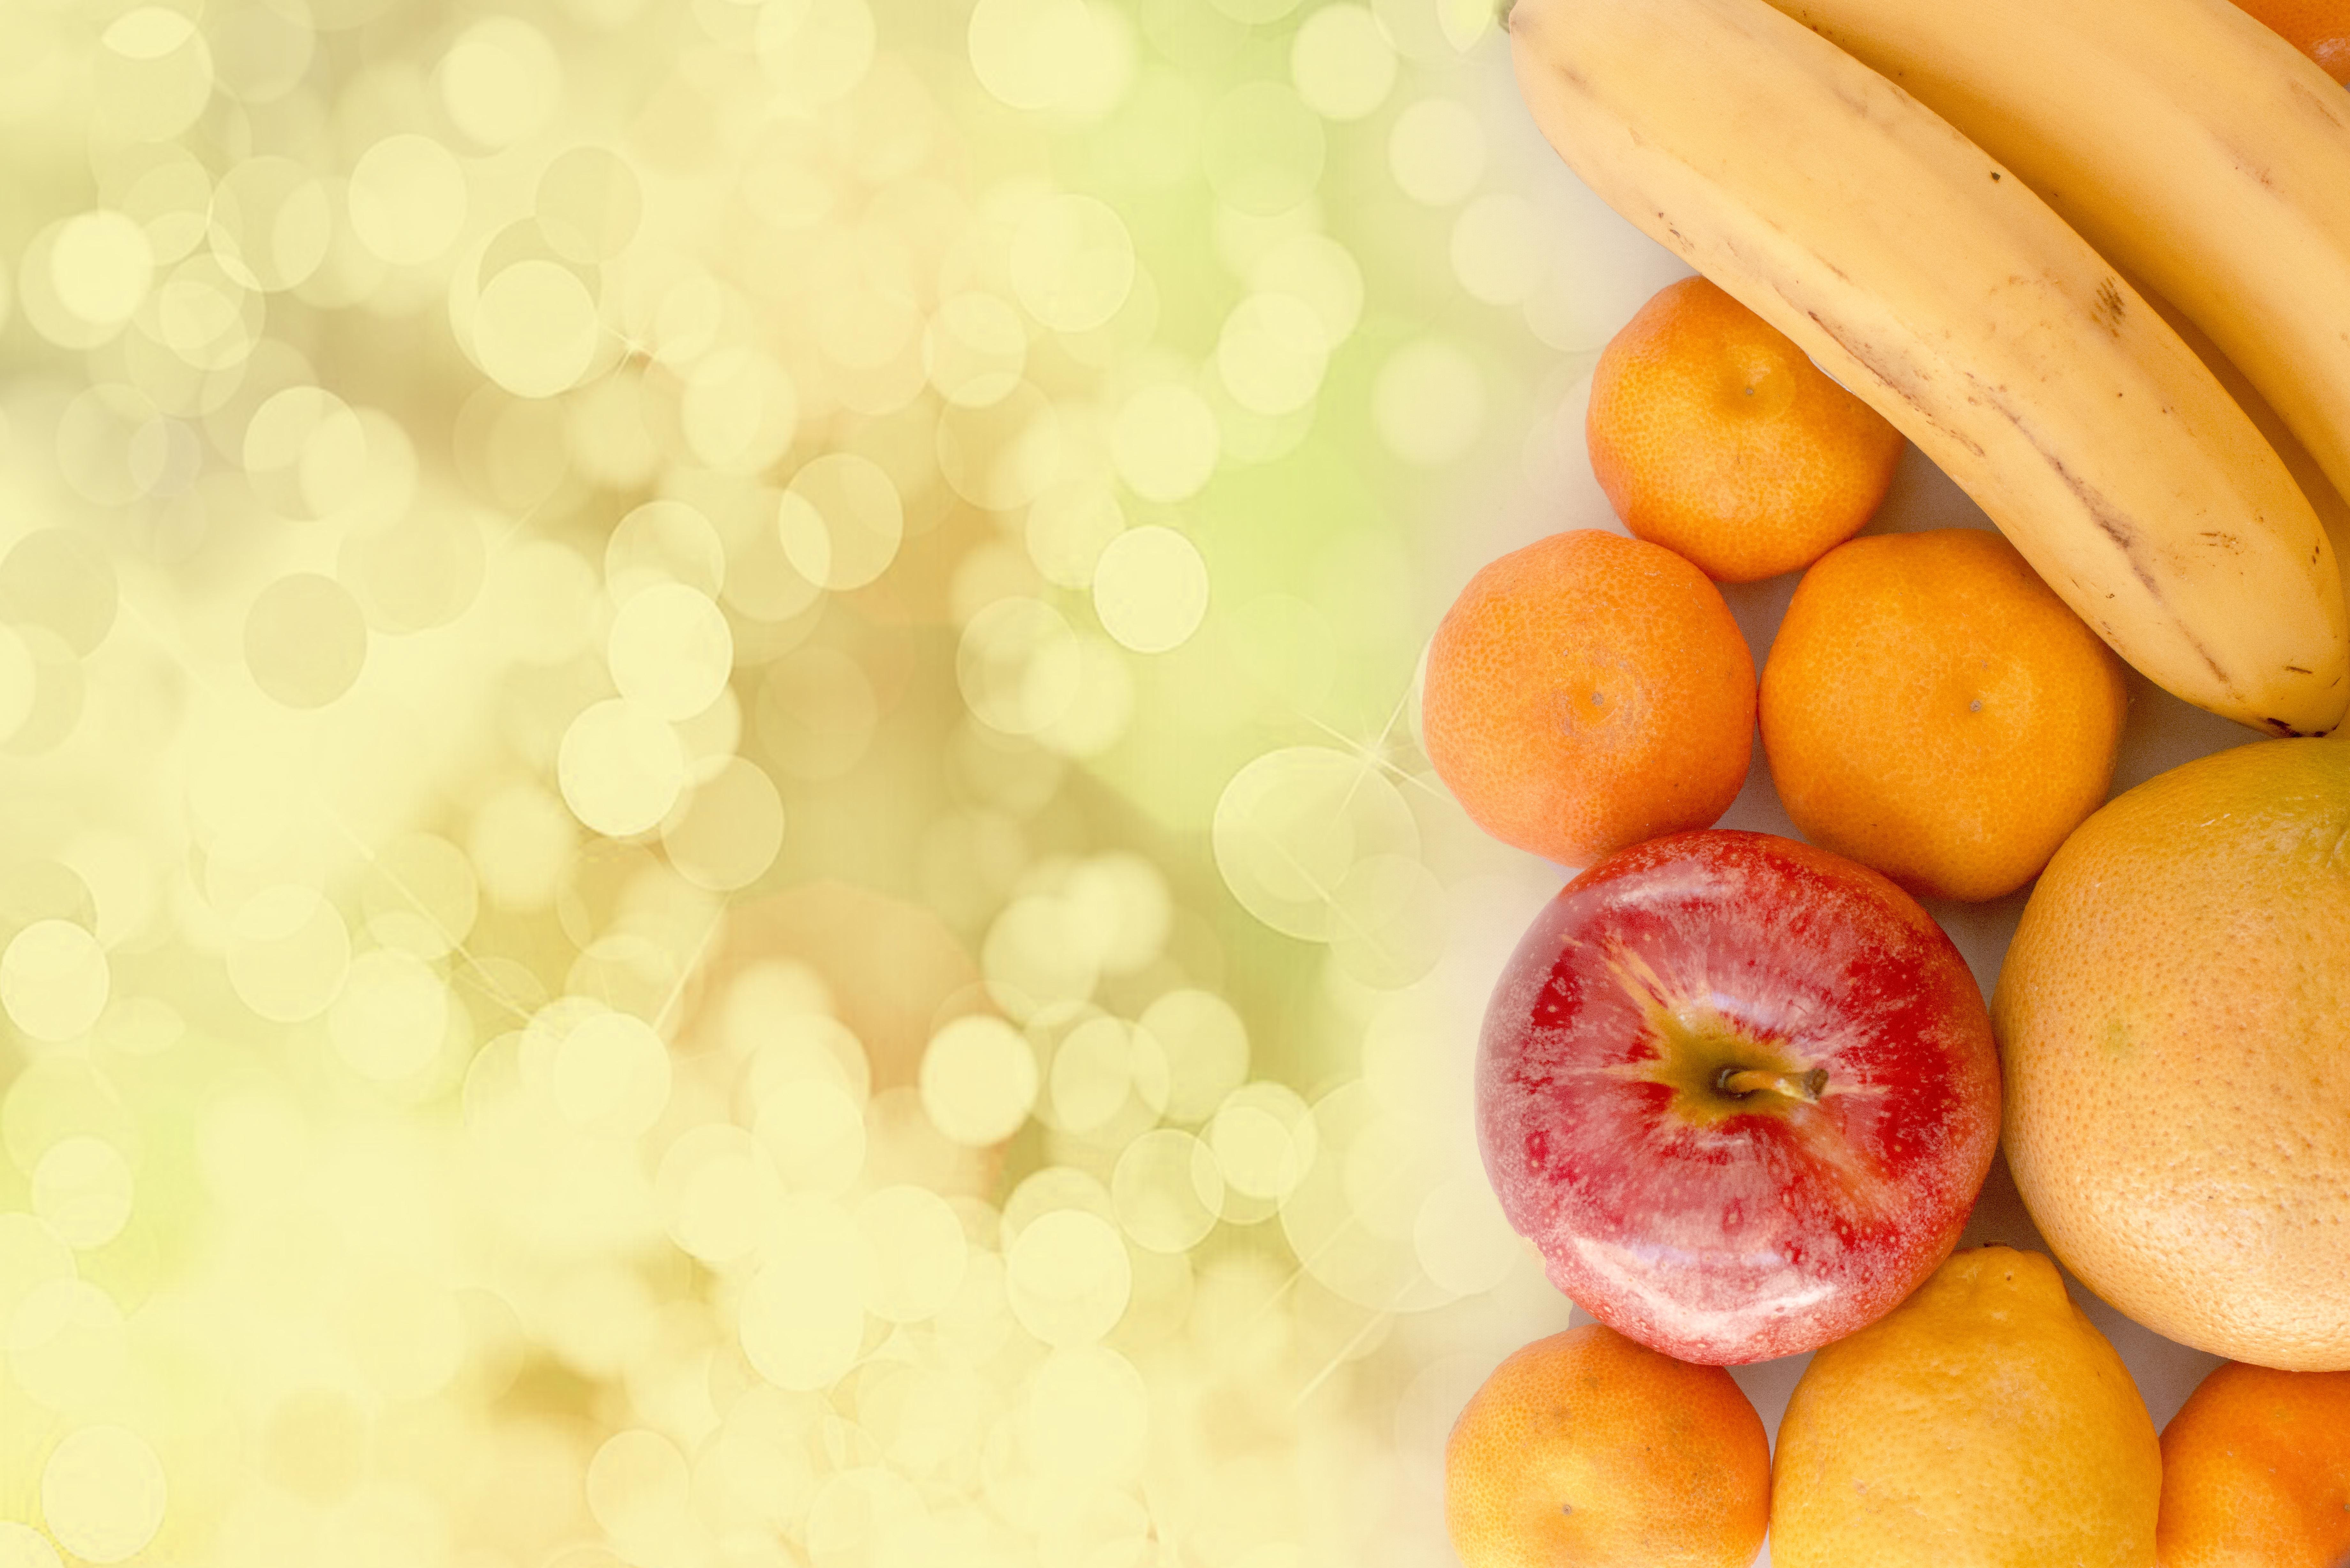 Banco de imagens : maçã, natureza, plantar, fruta, maduro